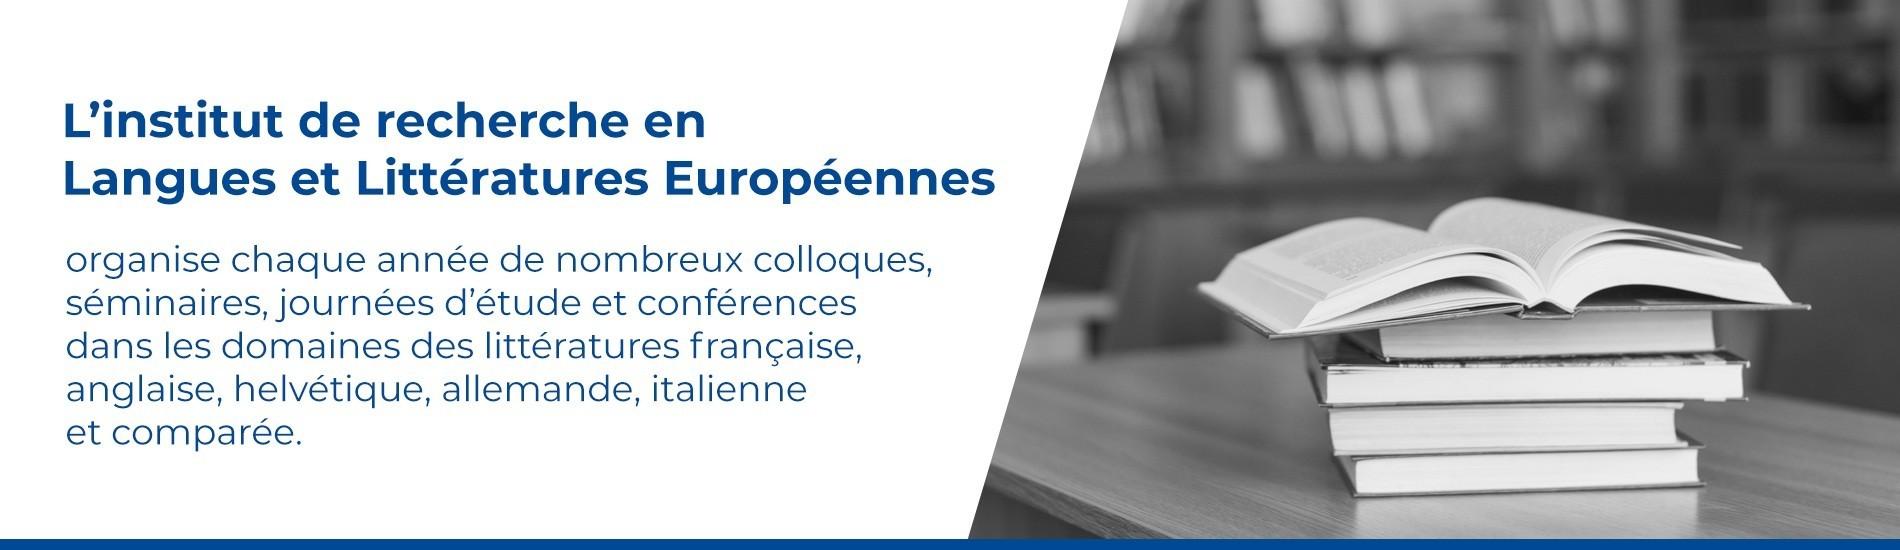 L'institut de recherche en Langues et Littératures Européennes